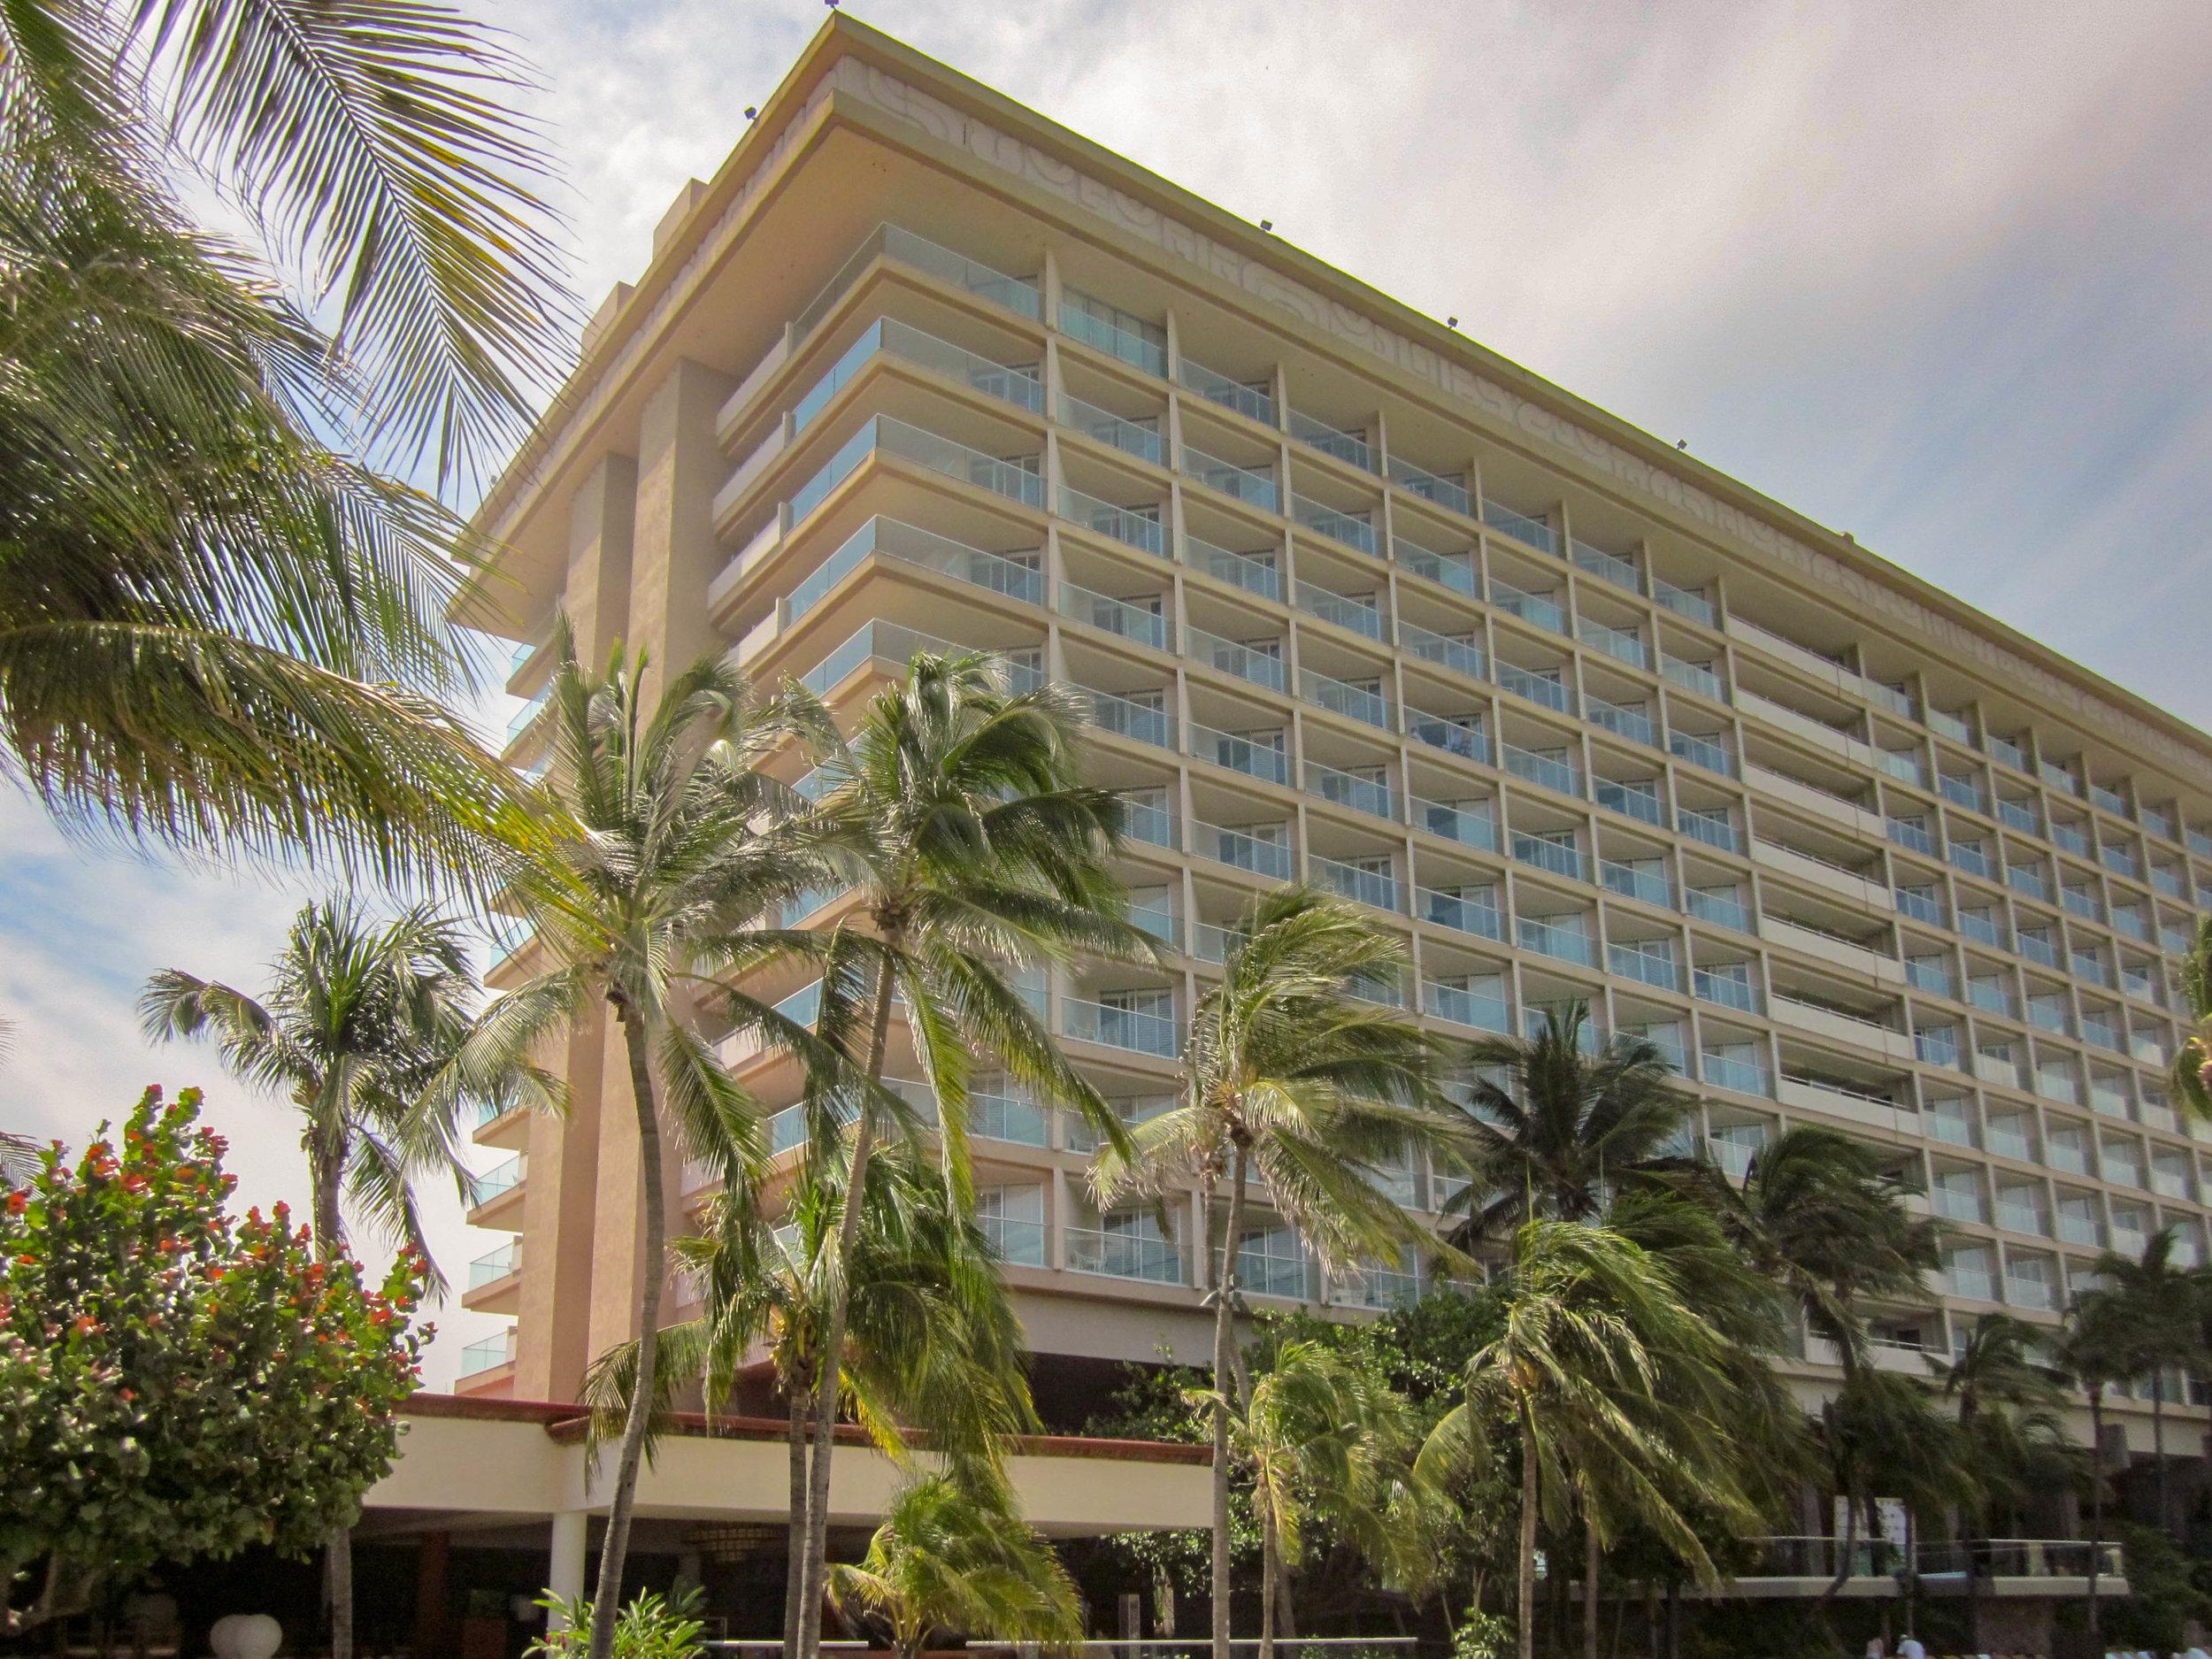 Hotel Princess Mundo Imperial, Acapulco MX